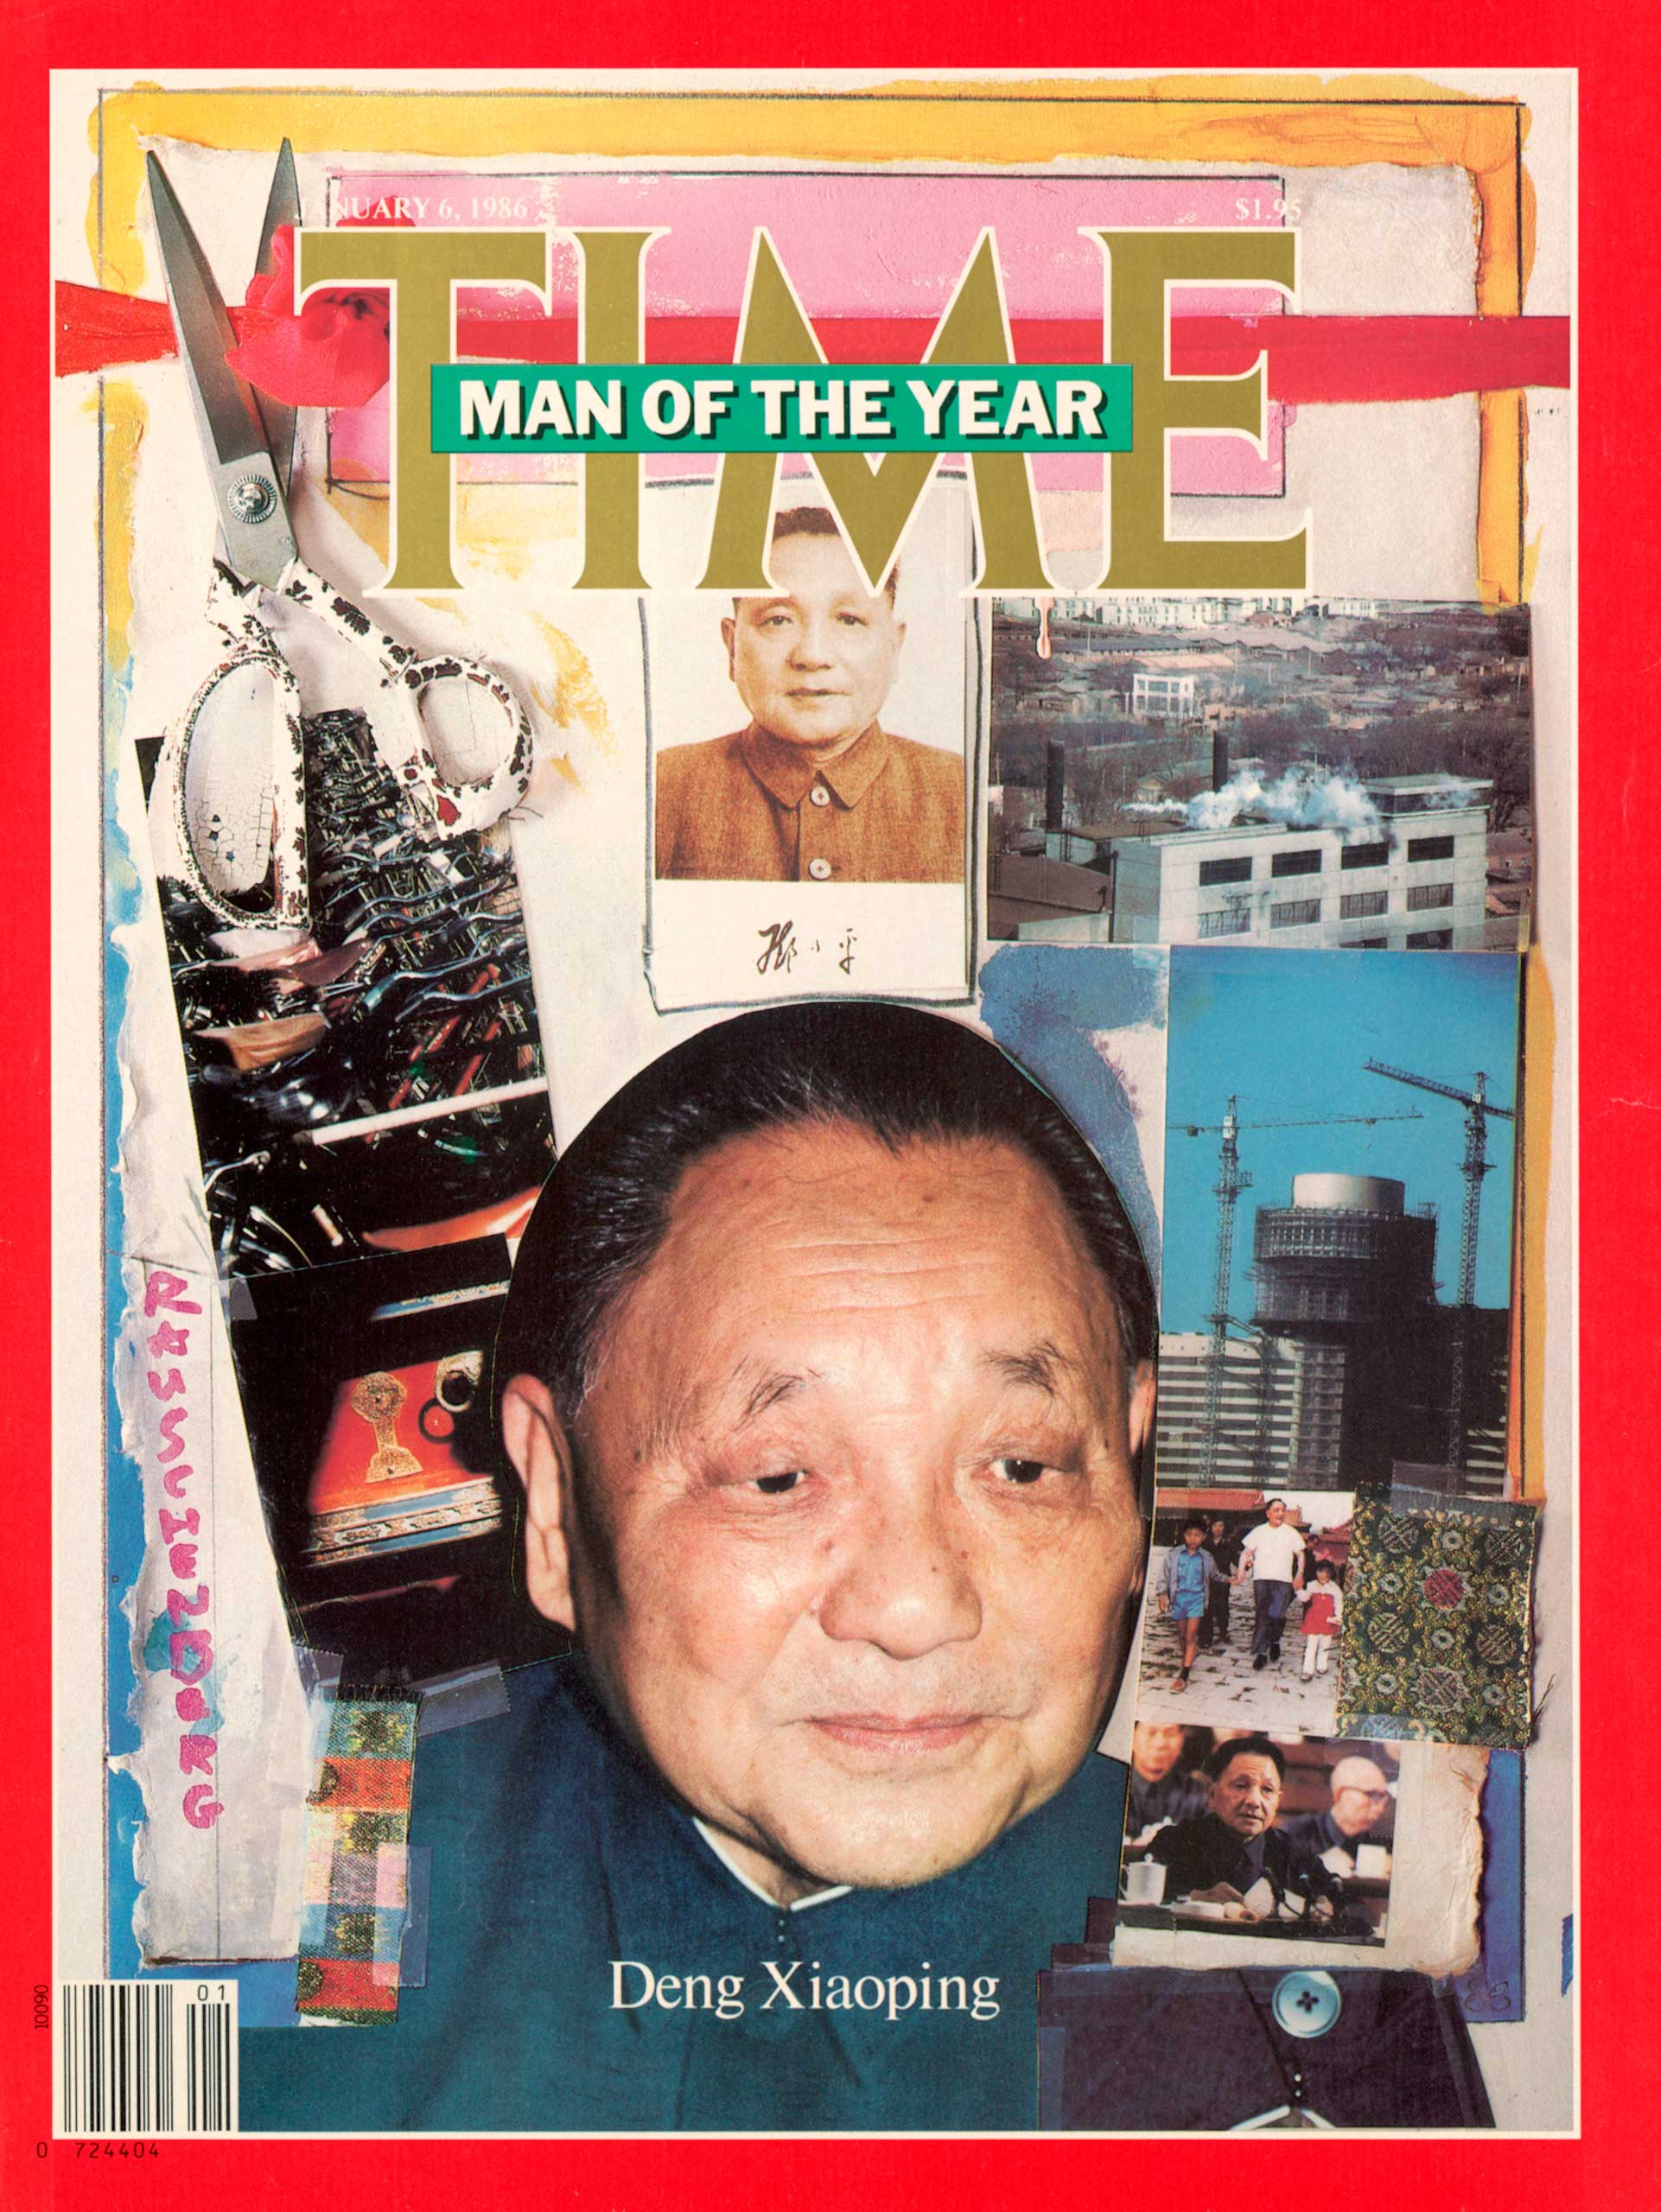 1985: Deng Xiaoping